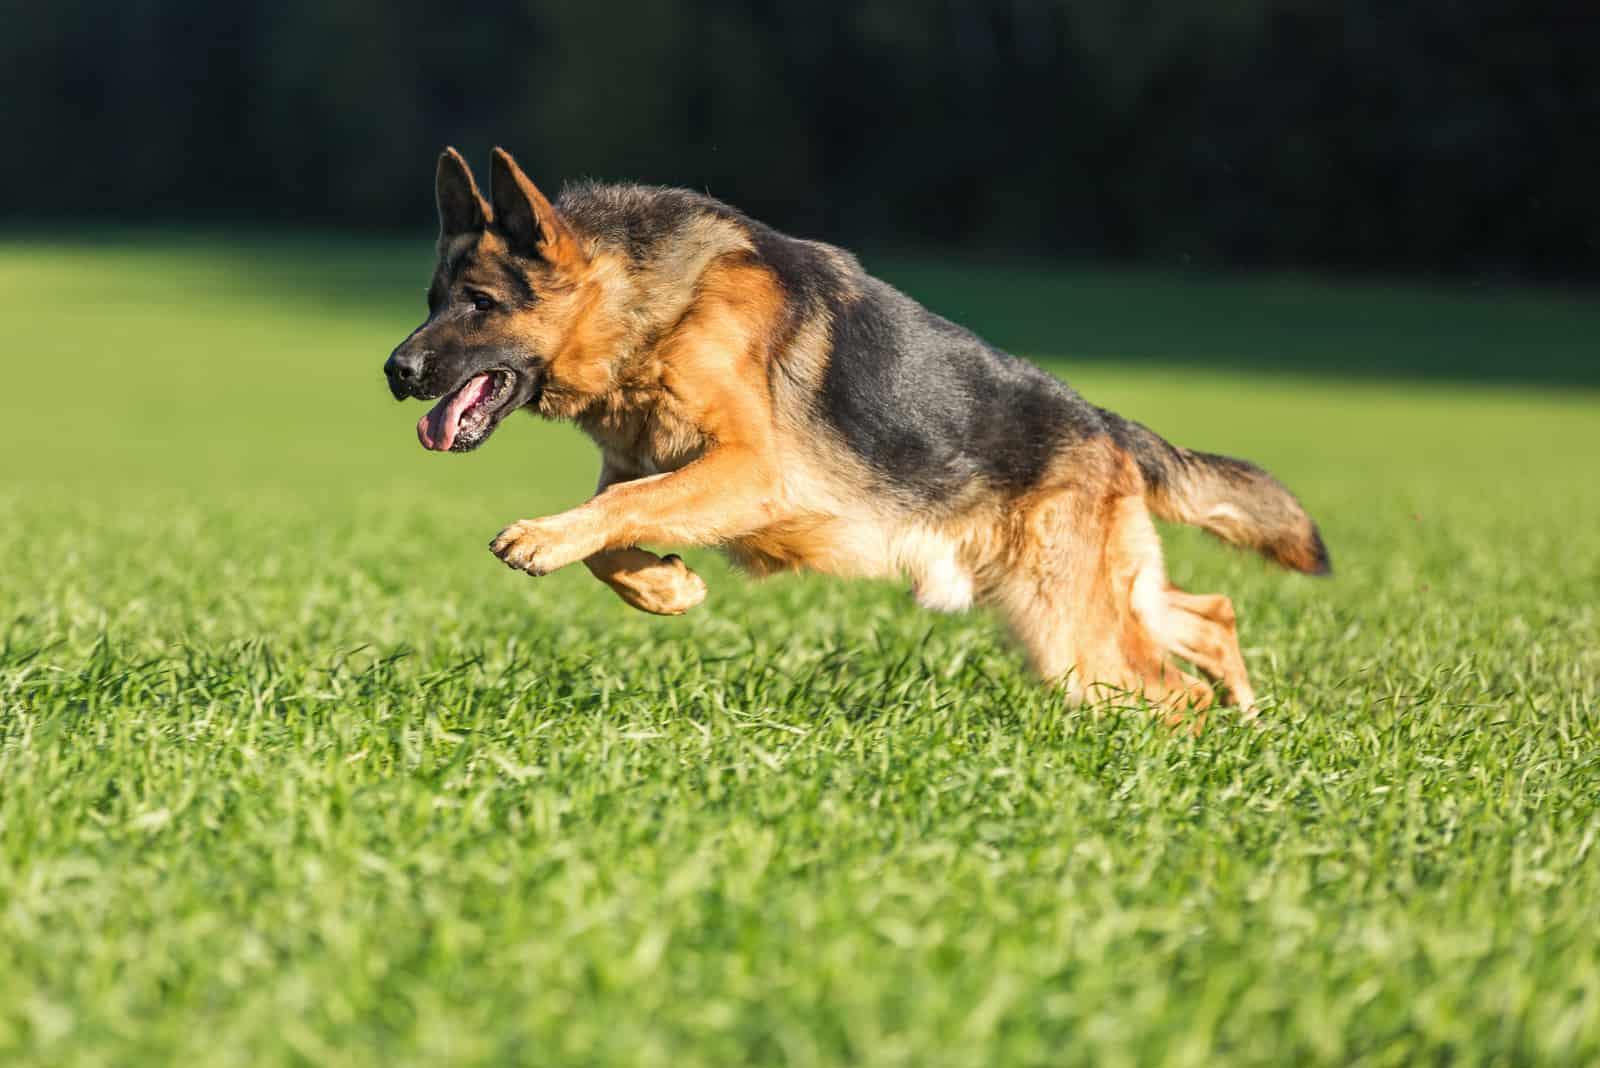 a german shepherd runs across the grass